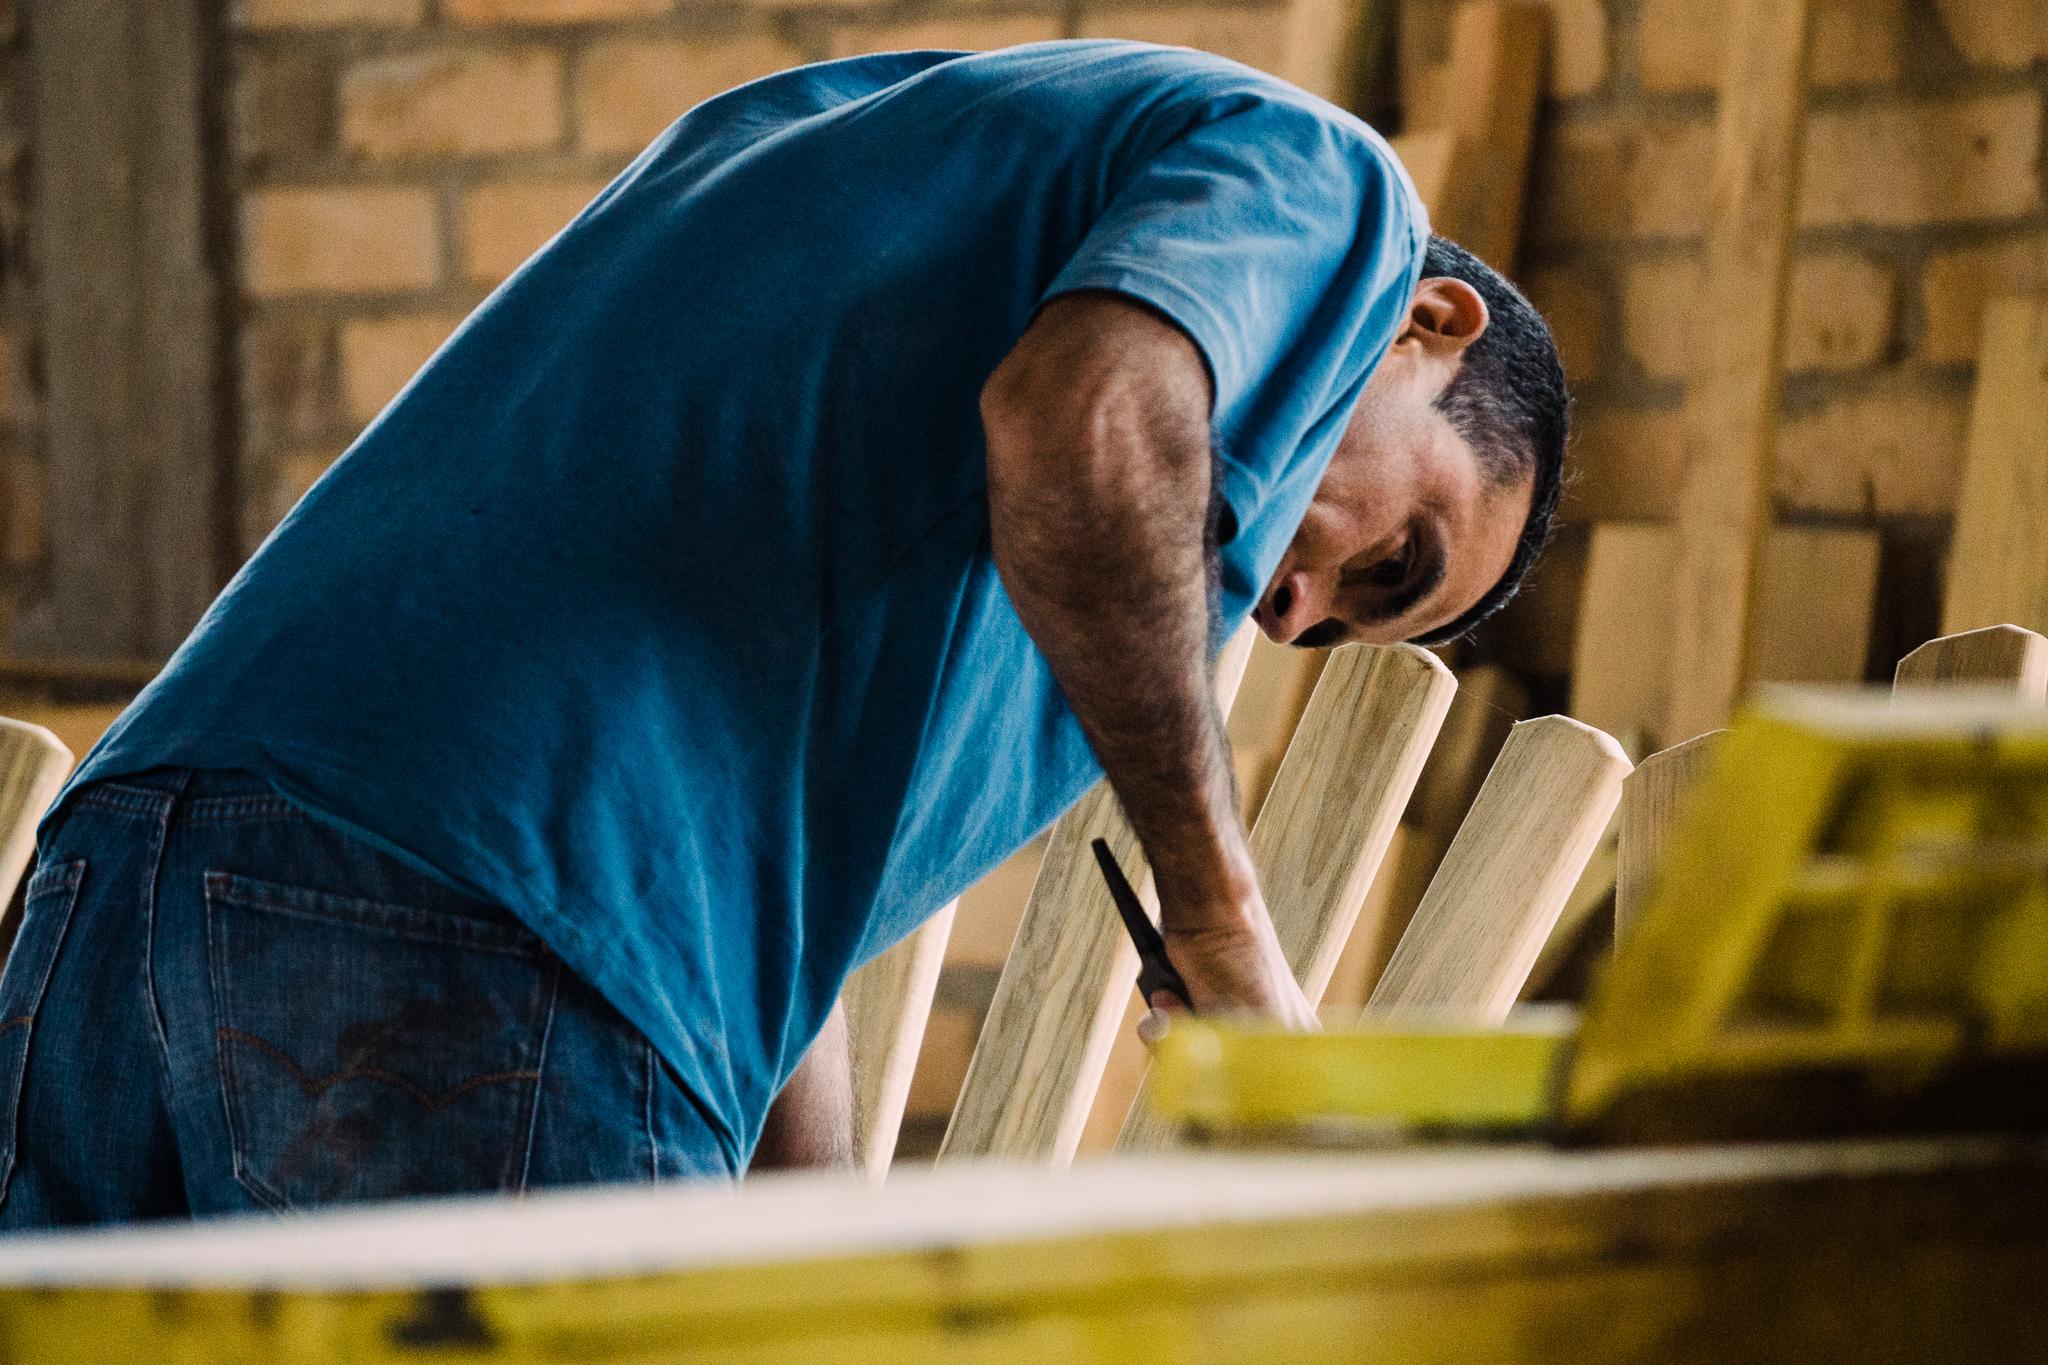 Guadalupe_wood workshop.jpg